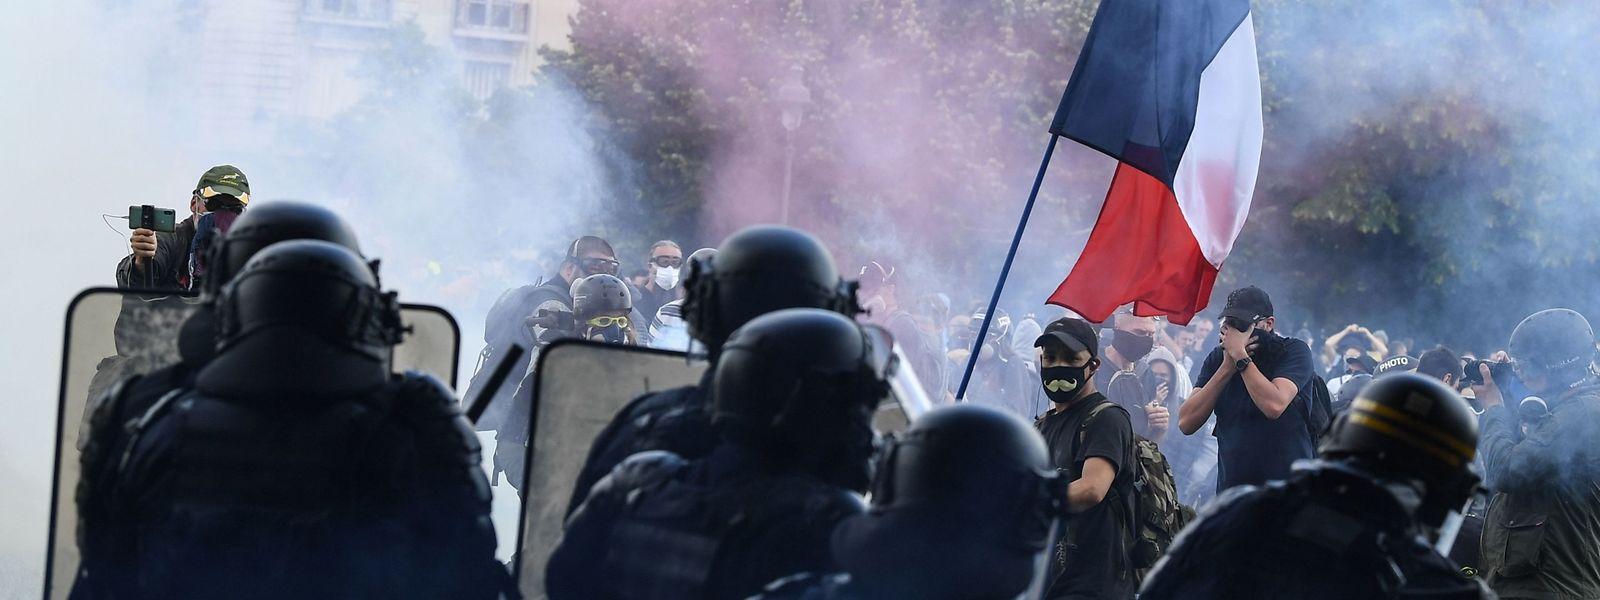 Polizei und Demonstranten auf der Place des Invalides in Paris.